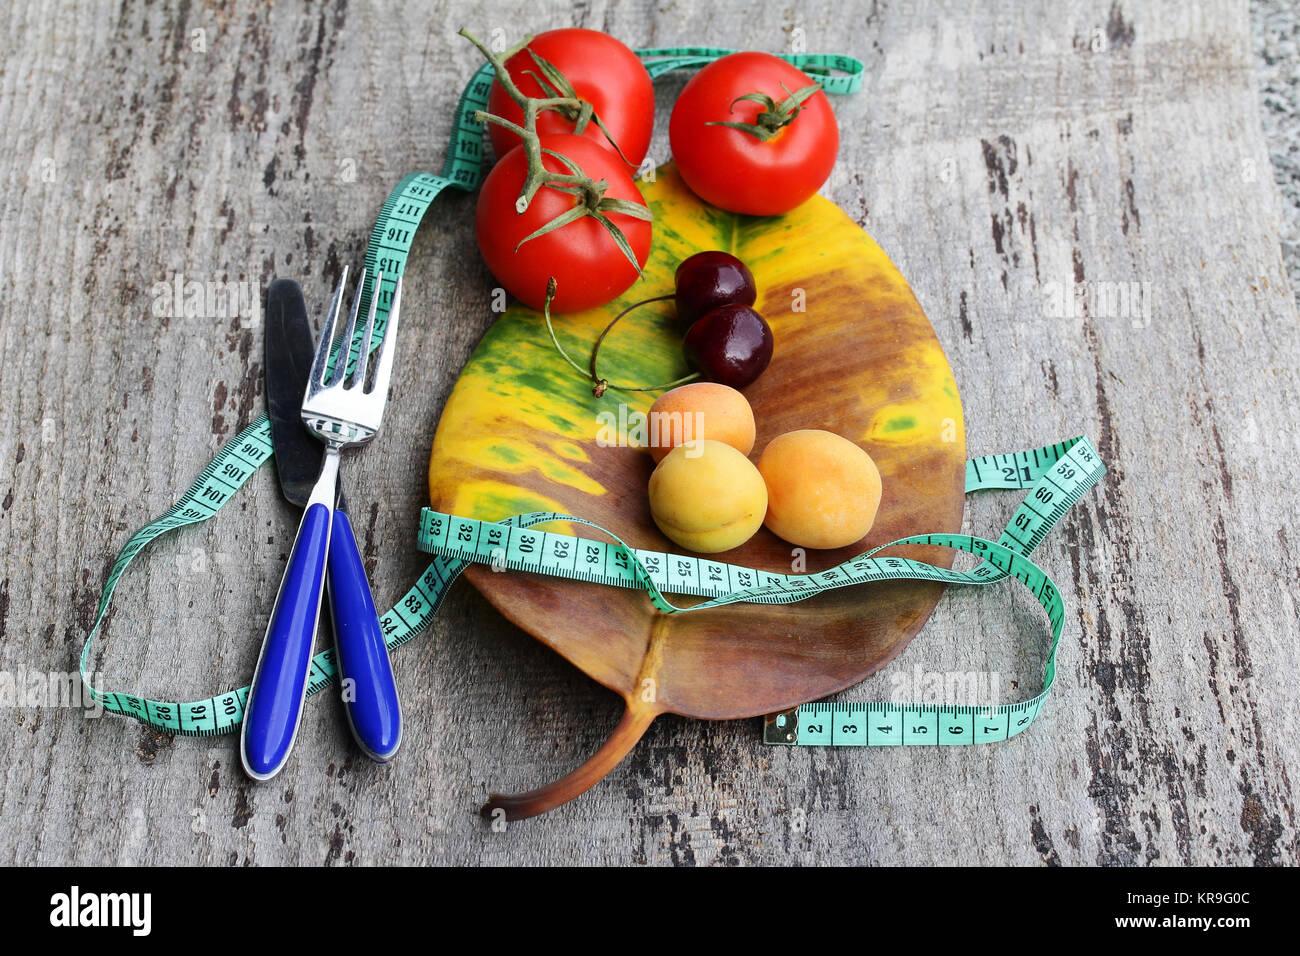 Ernährung mit Obst und Gemüse. Gewichtsabnahme durch gesunde Ernährung mit Obst und Gemüse Stockbild